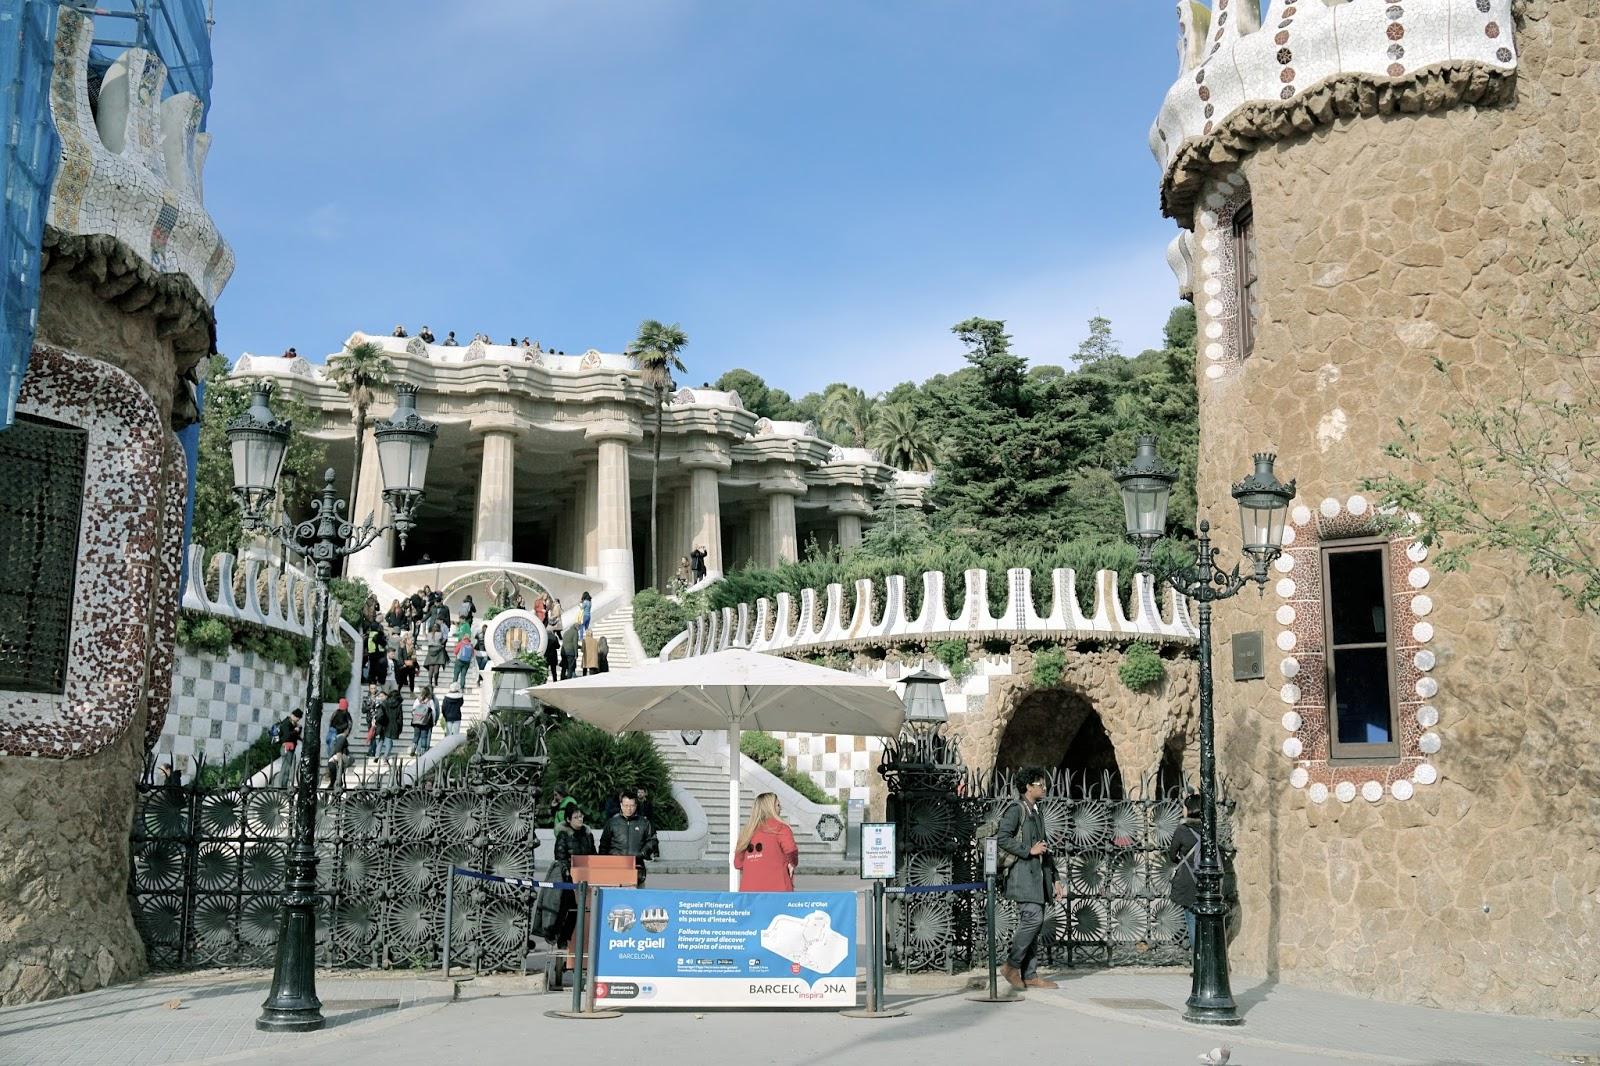 グエル公園の画像 p1_16